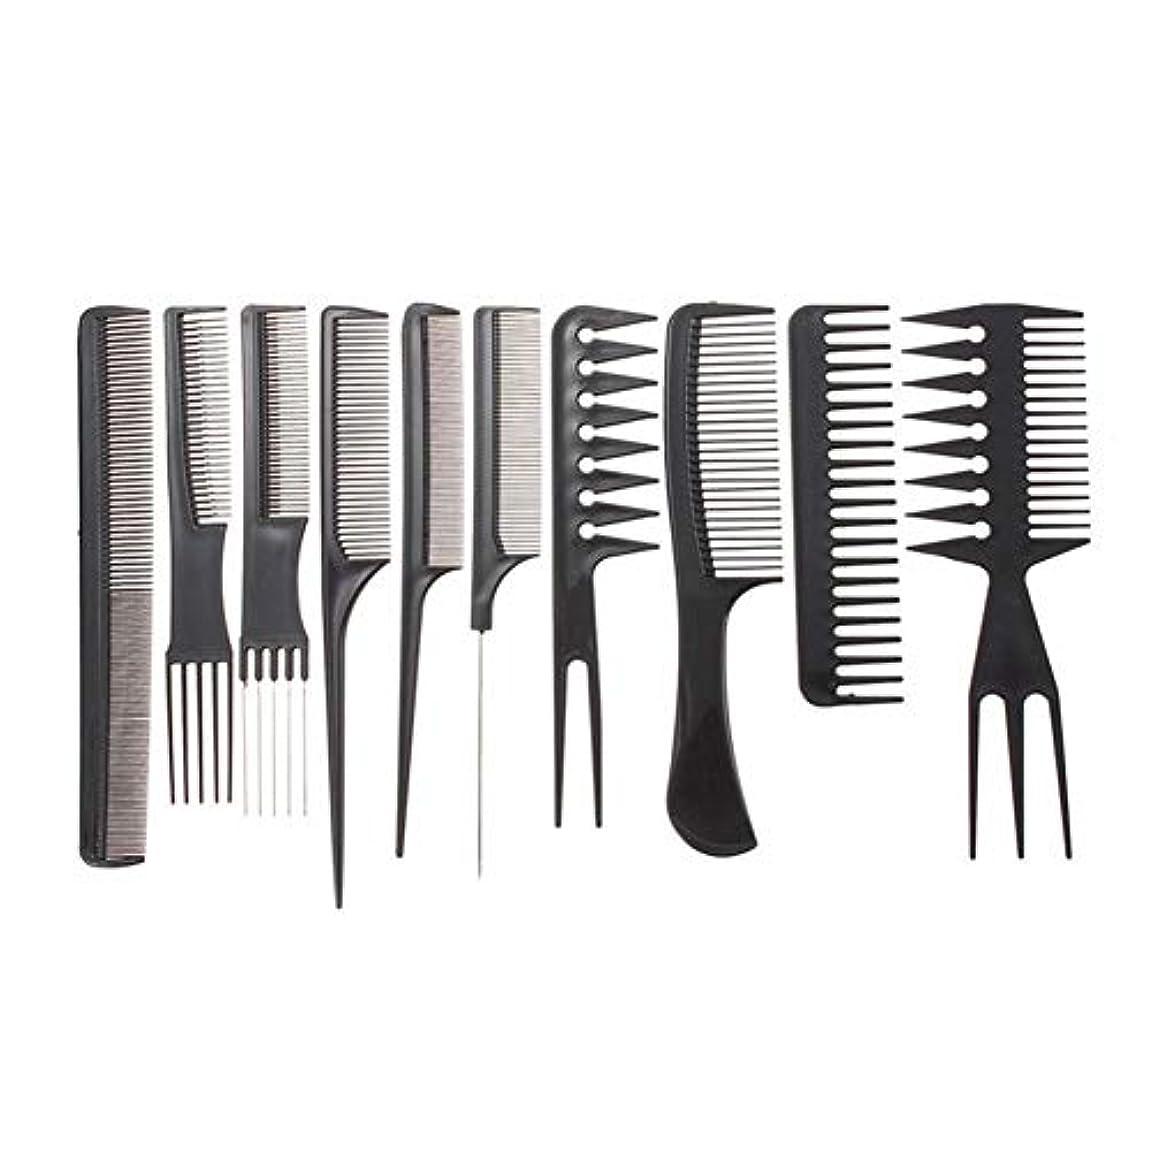 十代の若者たち完全に乾く予算黒い髪のすべてのタイプのために設計された10看護プロのヘアスタイリストブラシコームヘアスタイリングツール